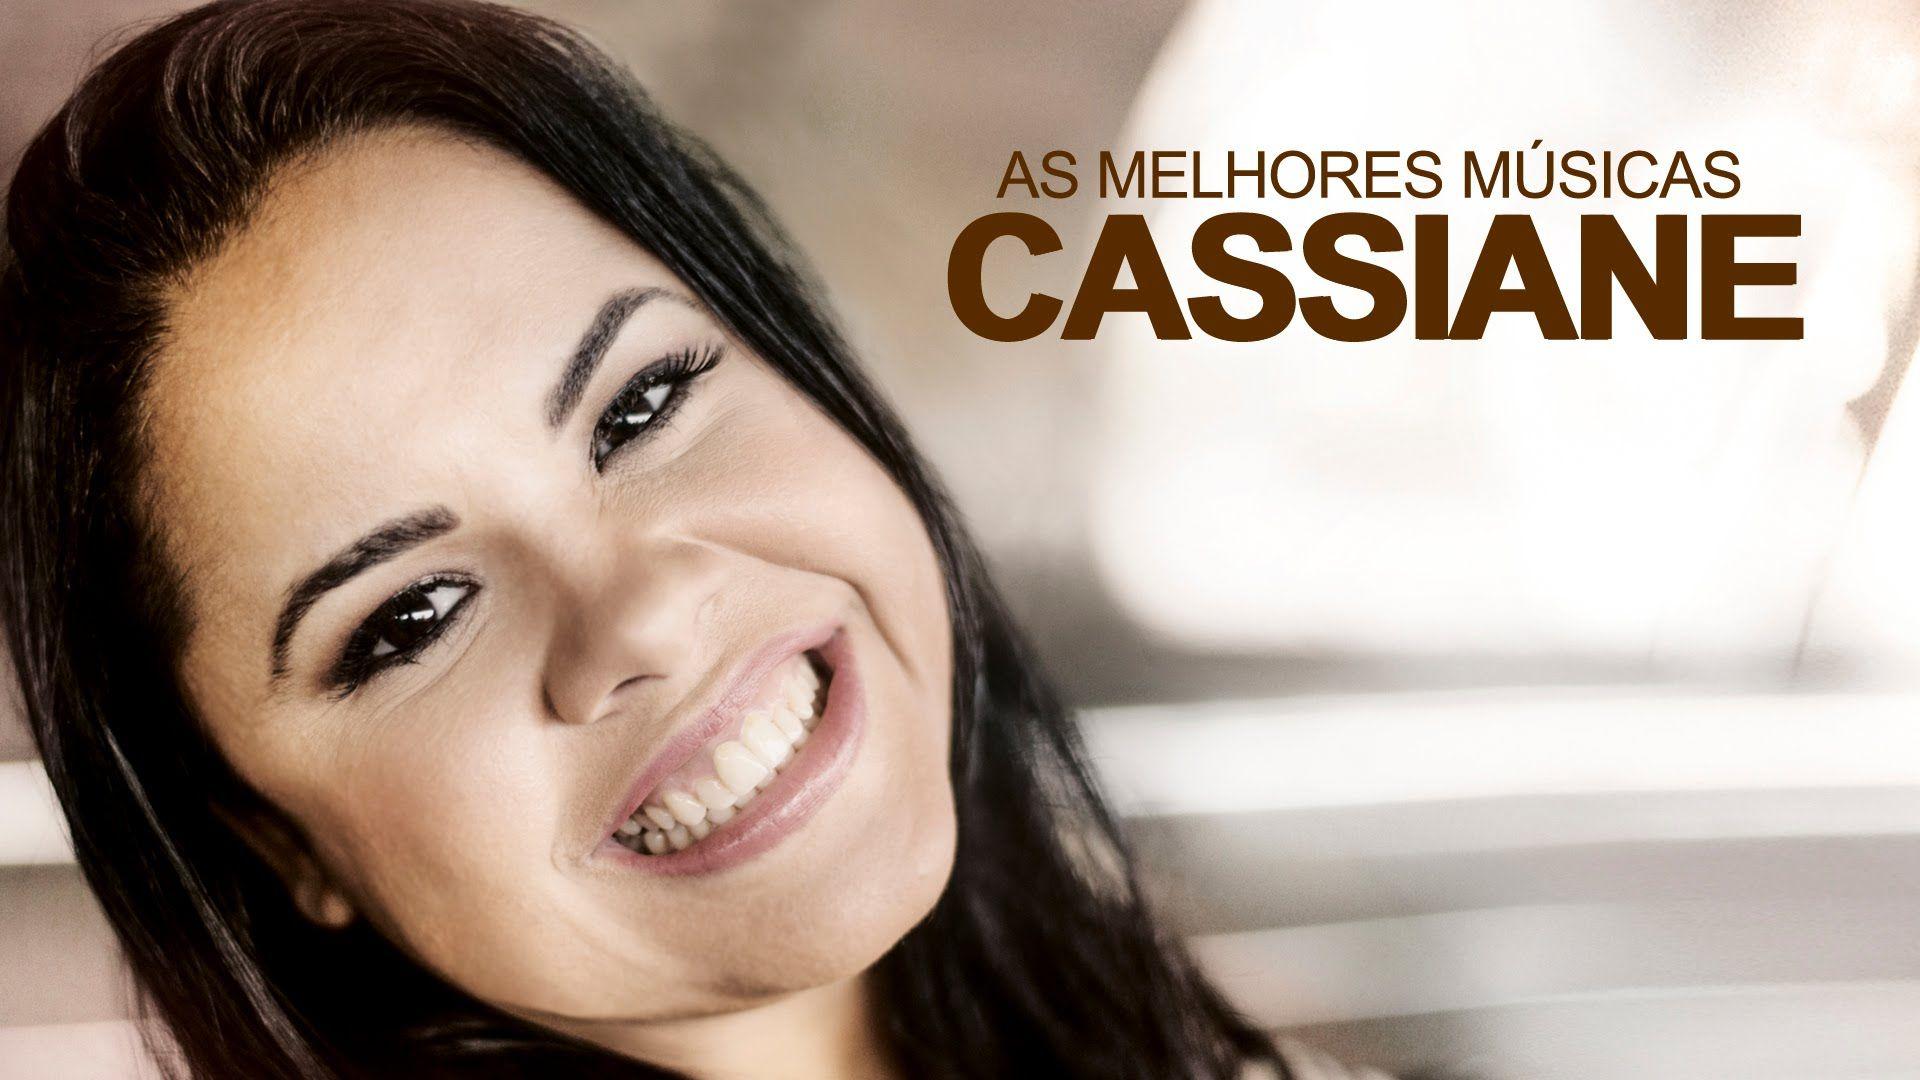 RECOMPENSA GOSPEL GRATIS CASSIANE BAIXAR MUSICAS